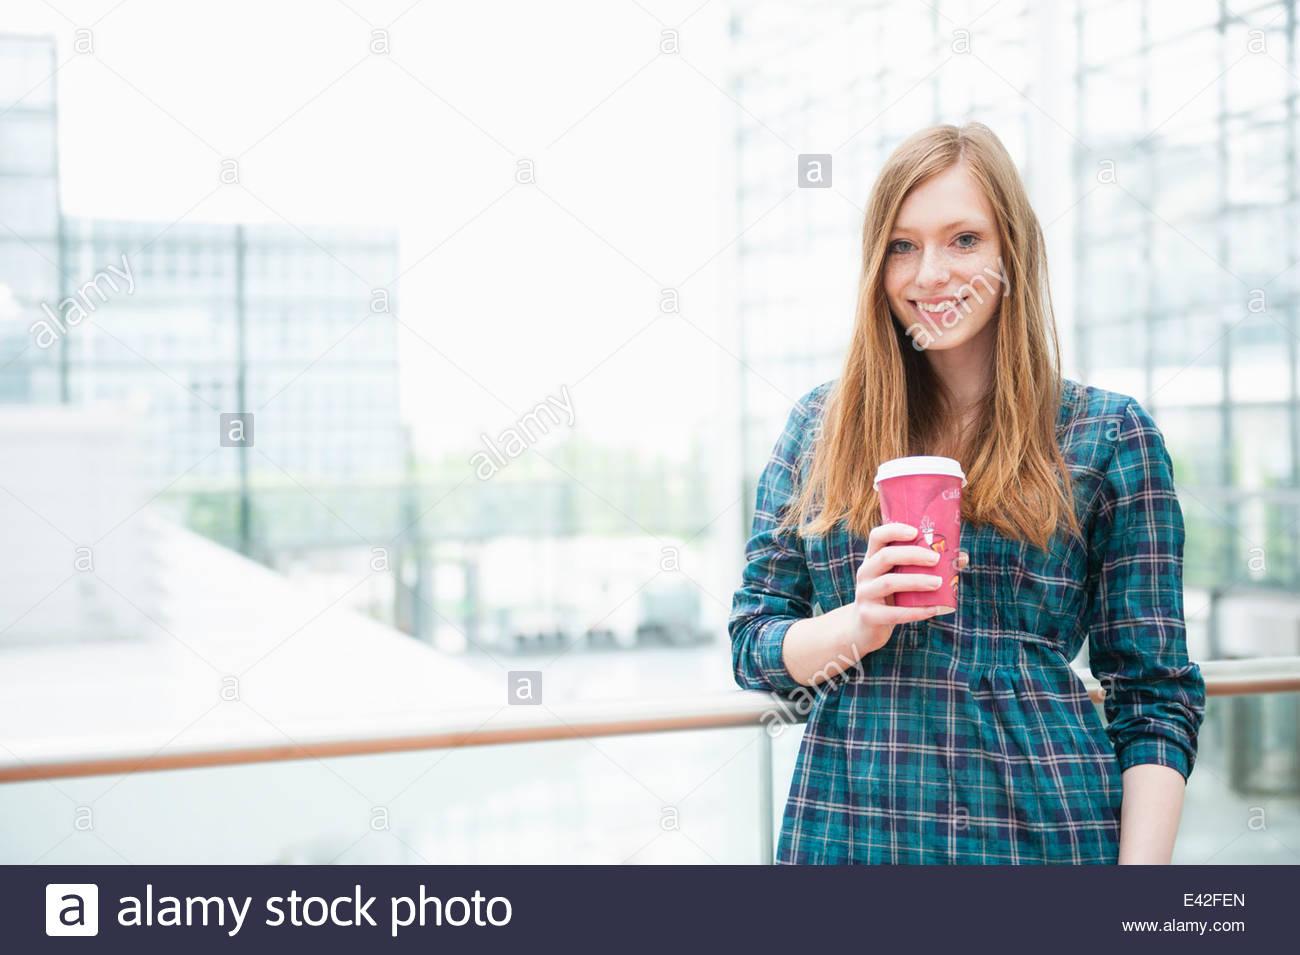 Retrato de mujer joven en ciudad con café para llevar Imagen De Stock